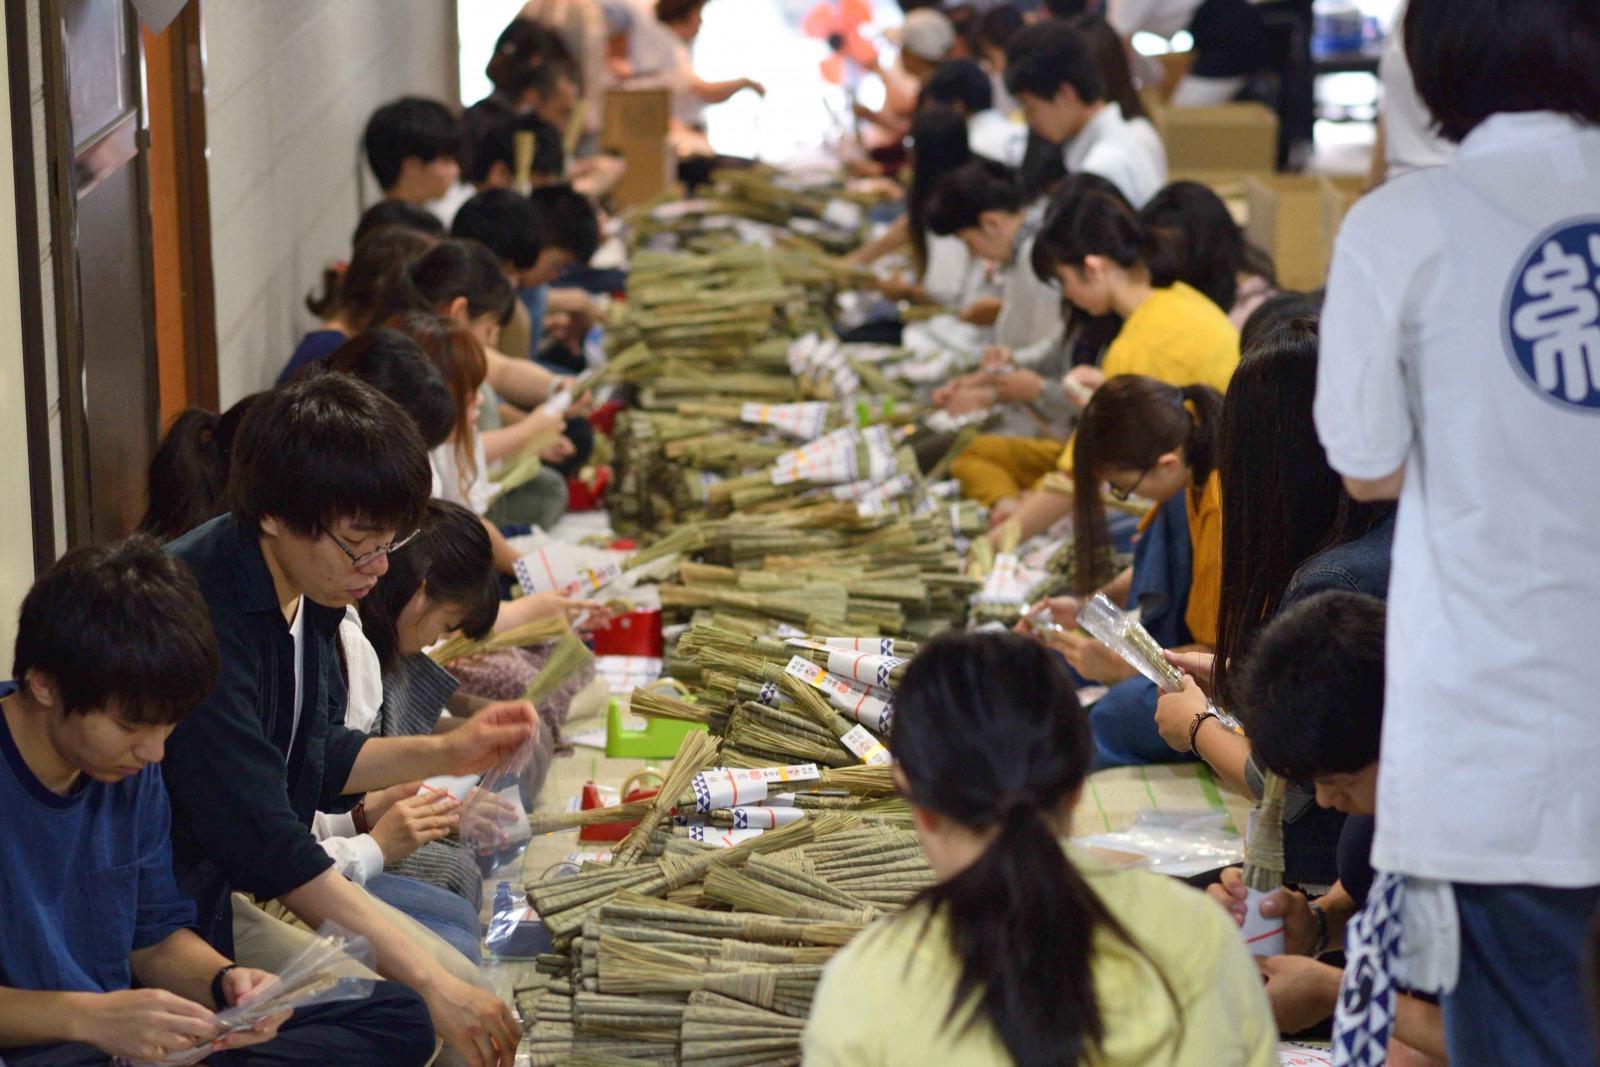 佛教大学生が祇園祭にスタッフとして参加